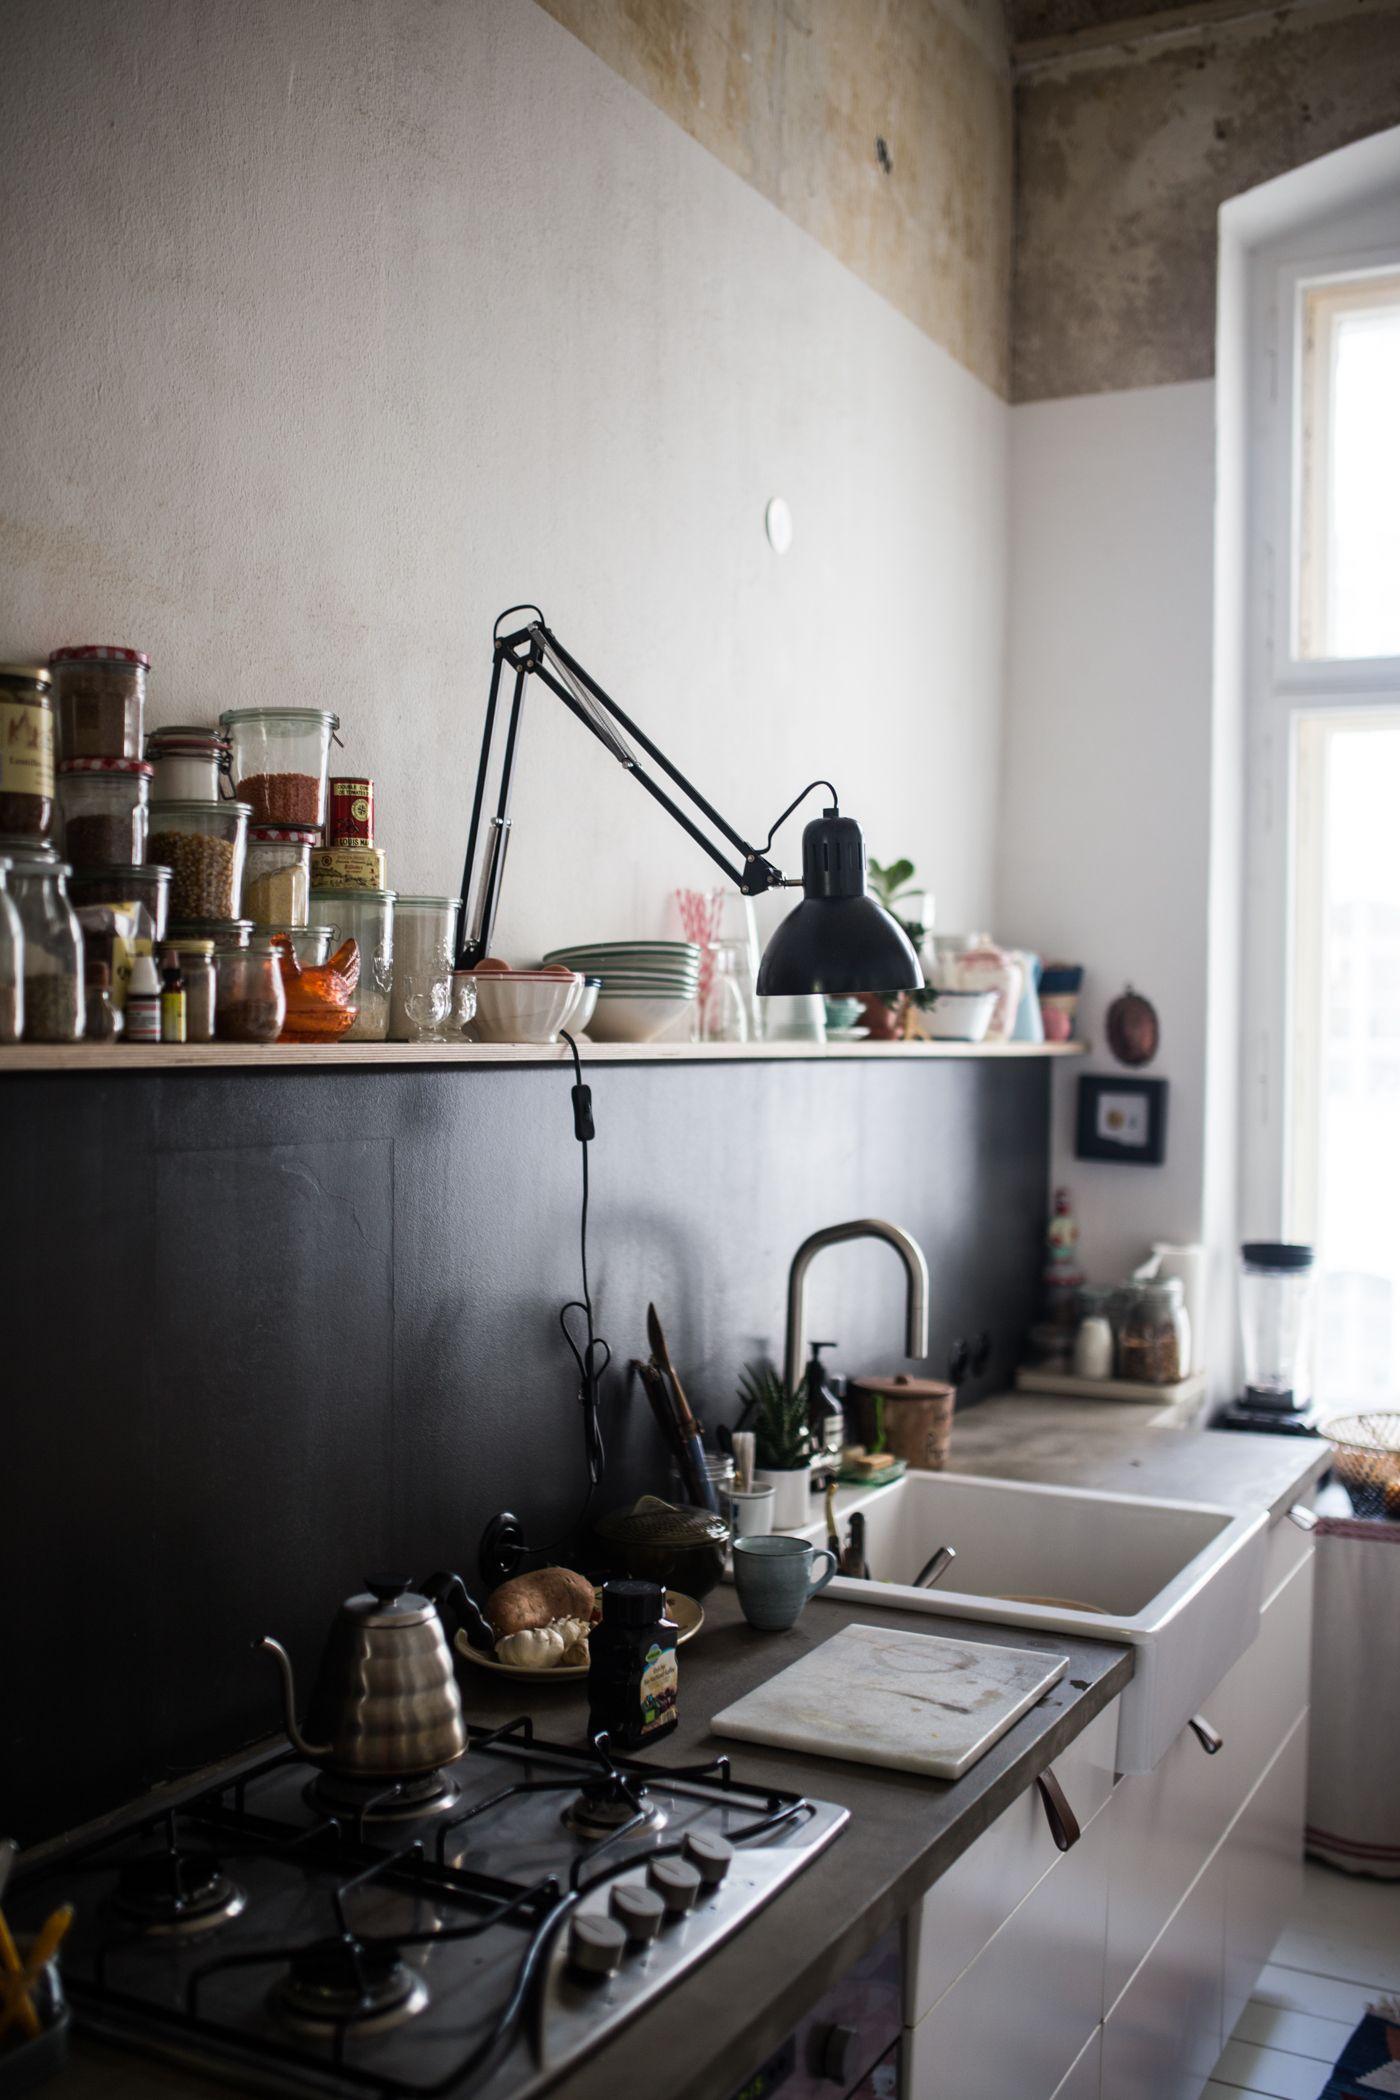 Zu Besuch bei Karina in BerlinKreuzberg  kochgrube hexhex  Wohnung Kche Altbau kche und Kche